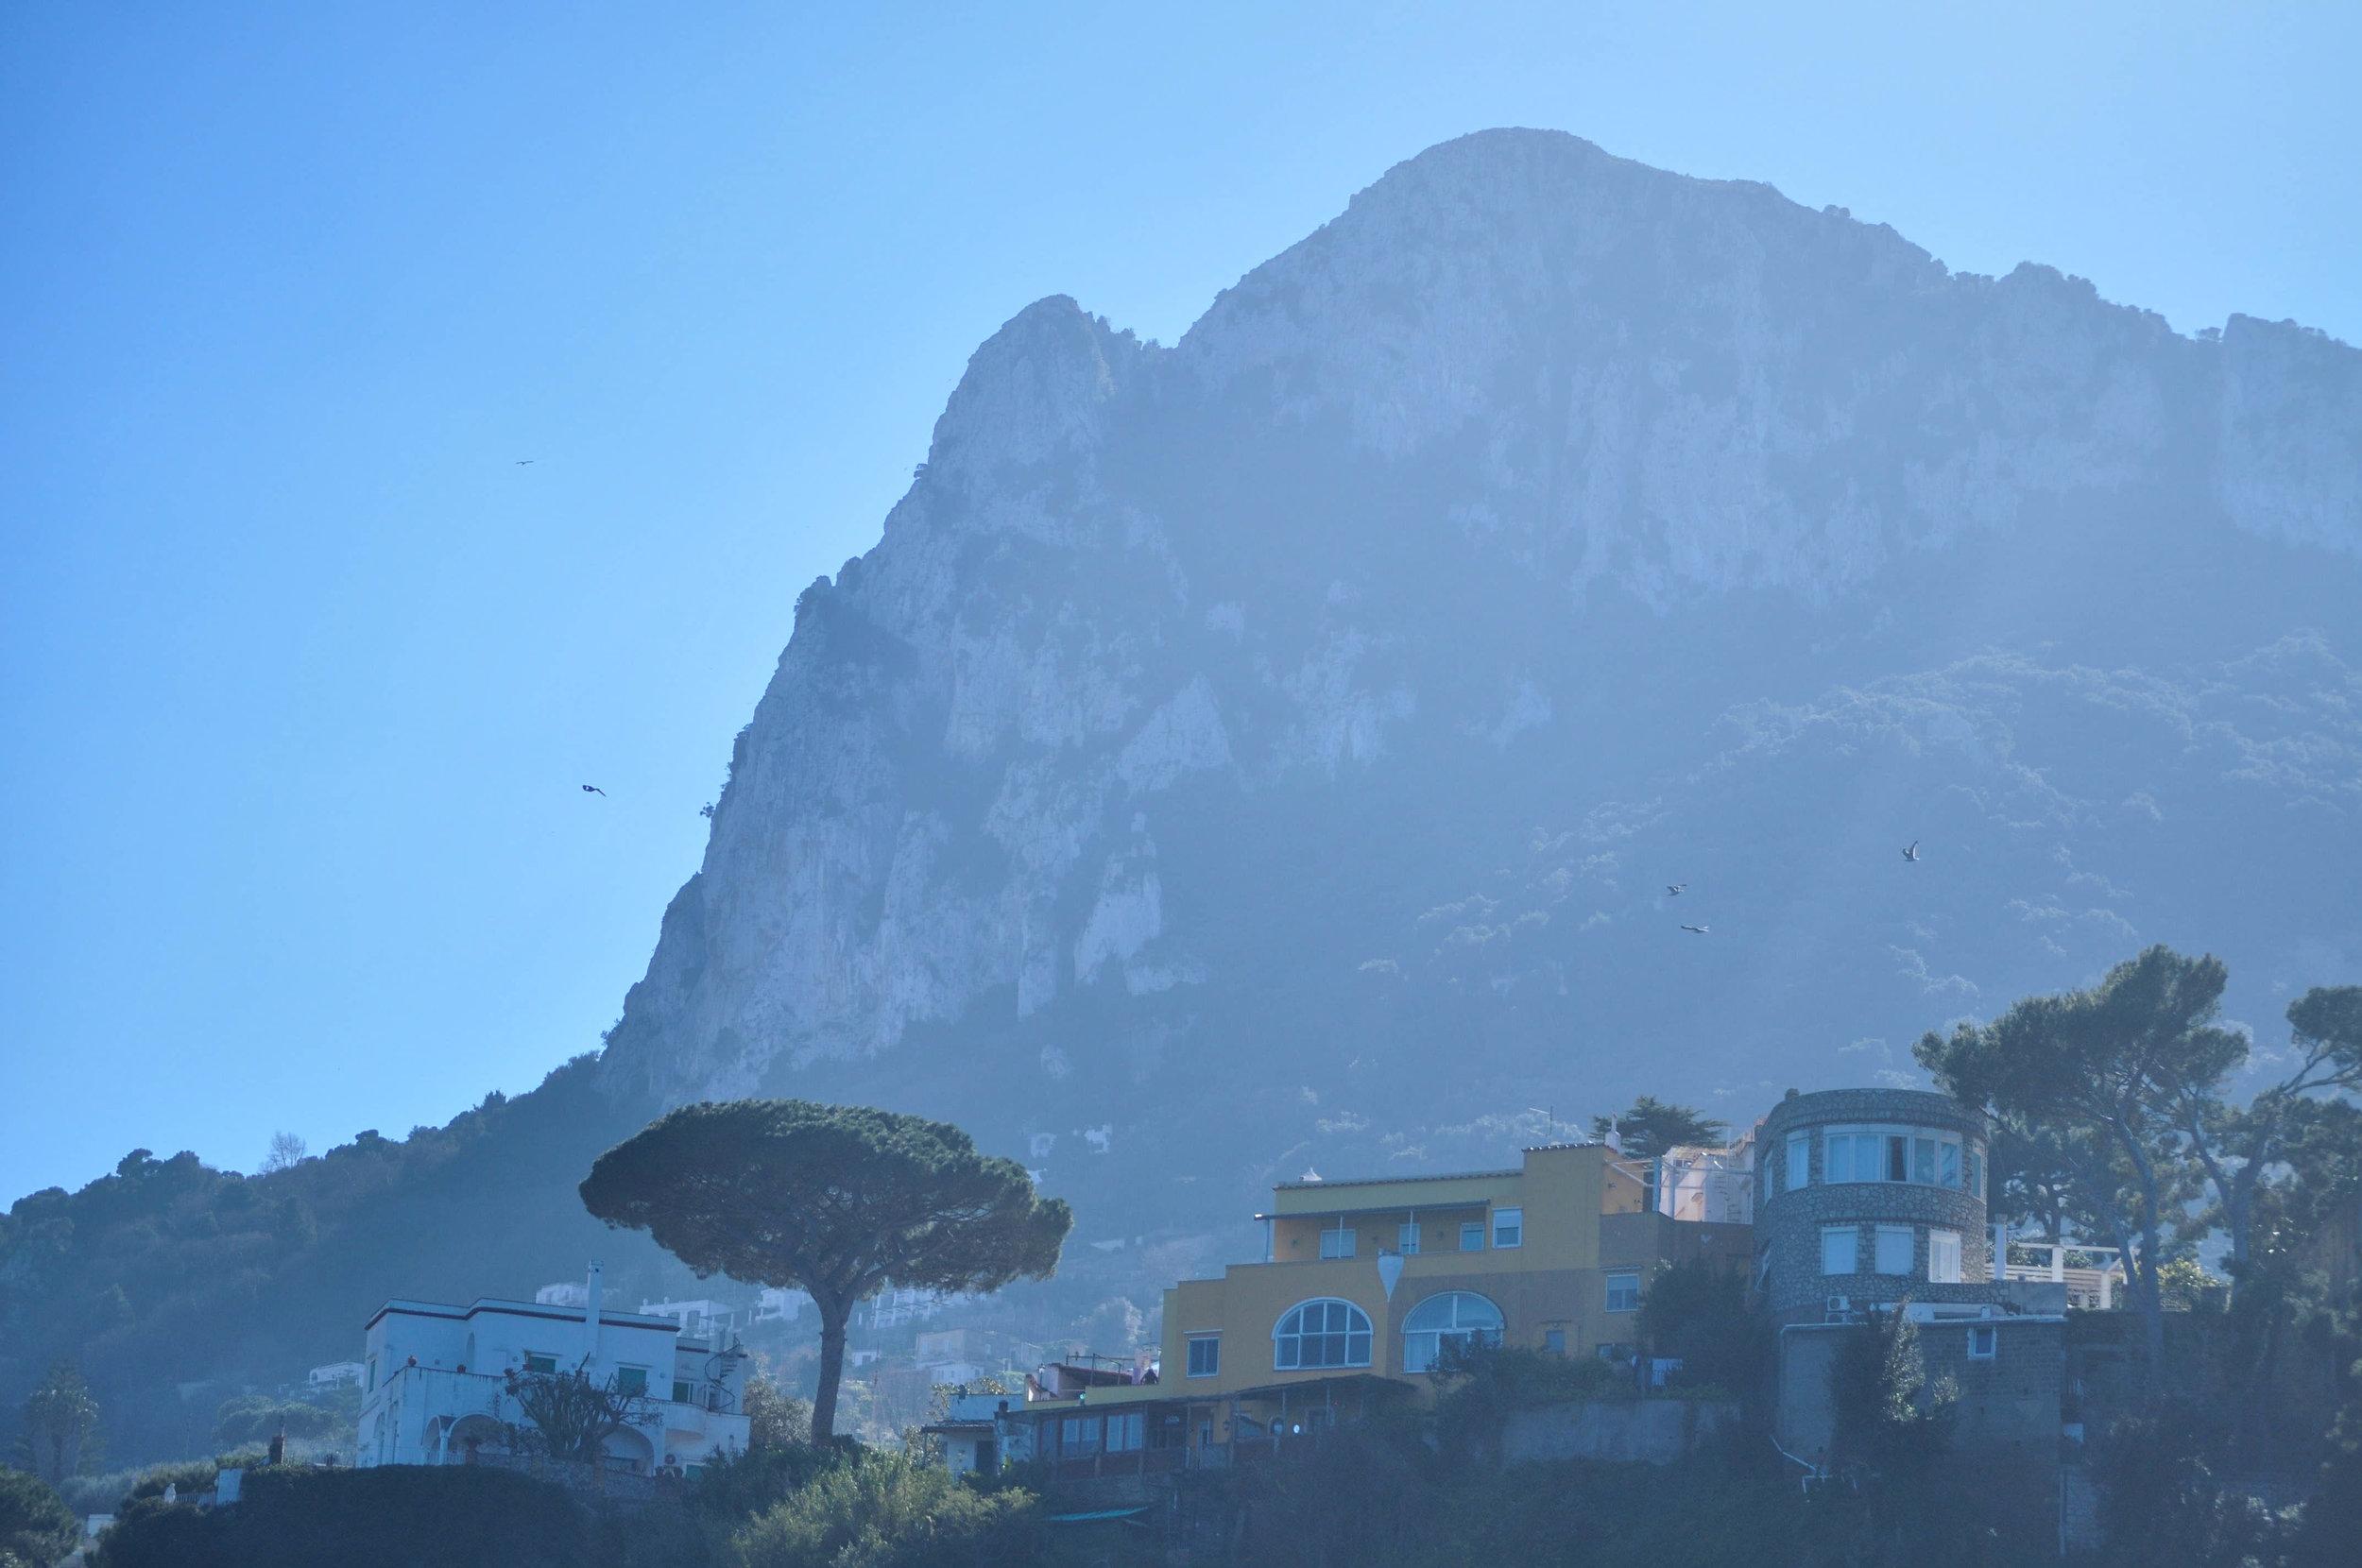 AmalfiCapriPompeii-58.jpg